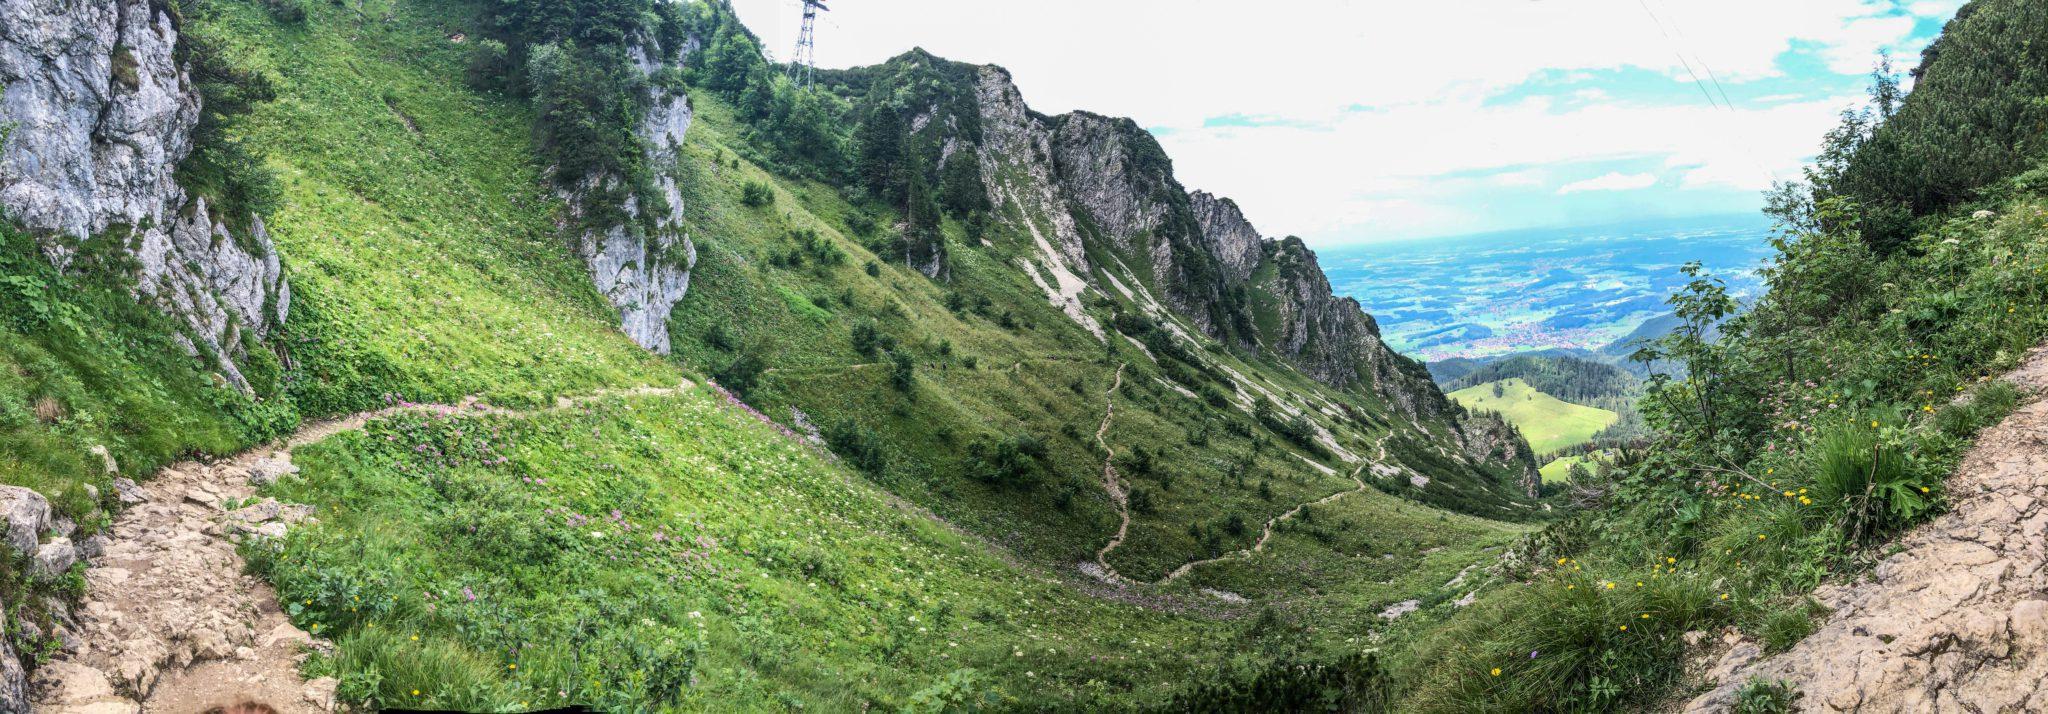 De weg naar de top van de Hochfelln